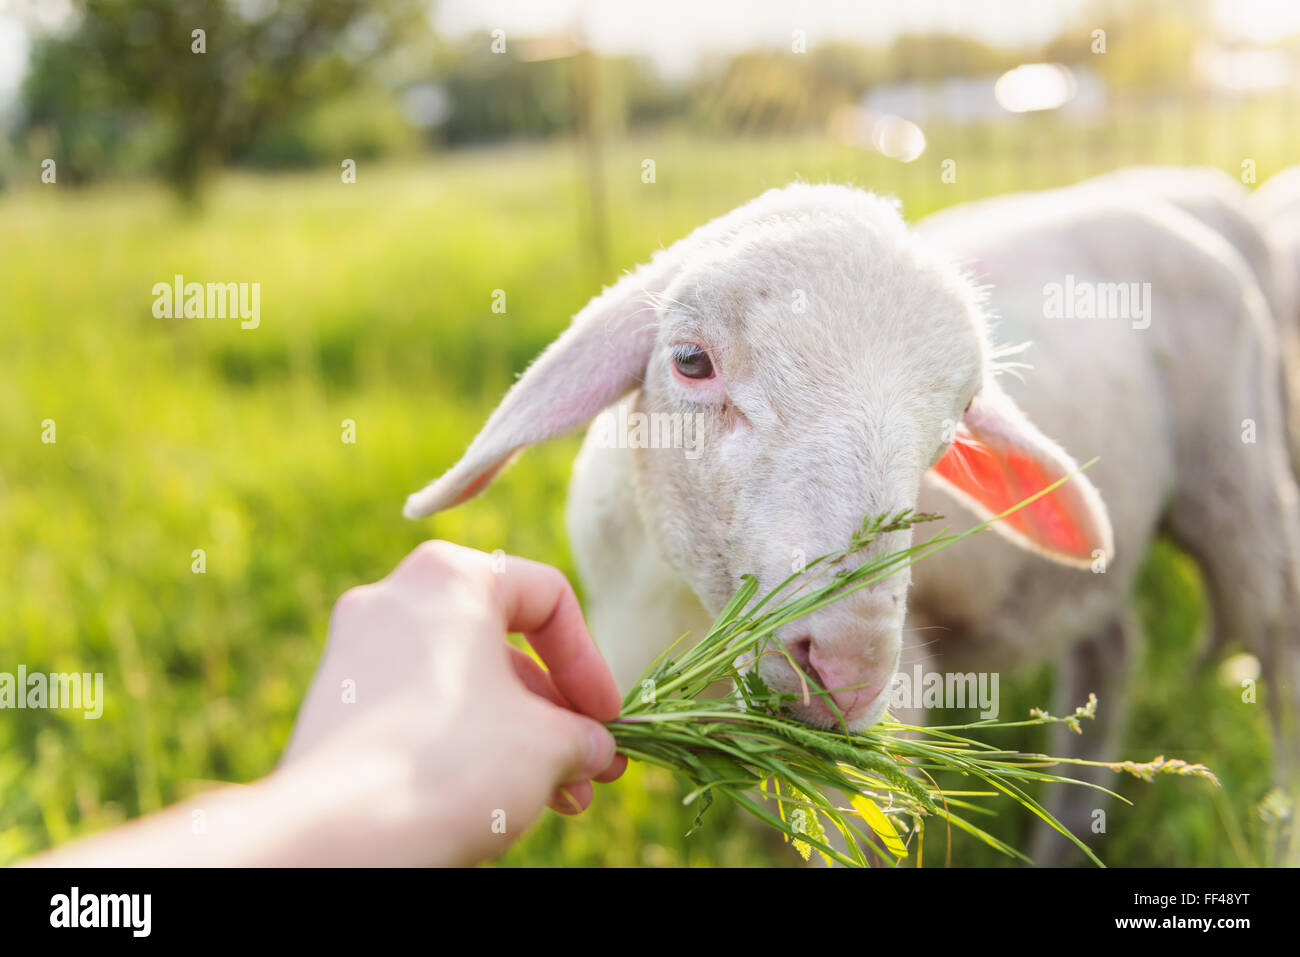 Dettaglio del mans alimentazione manuale pecora con erba. Prato soleggiato. Immagini Stock